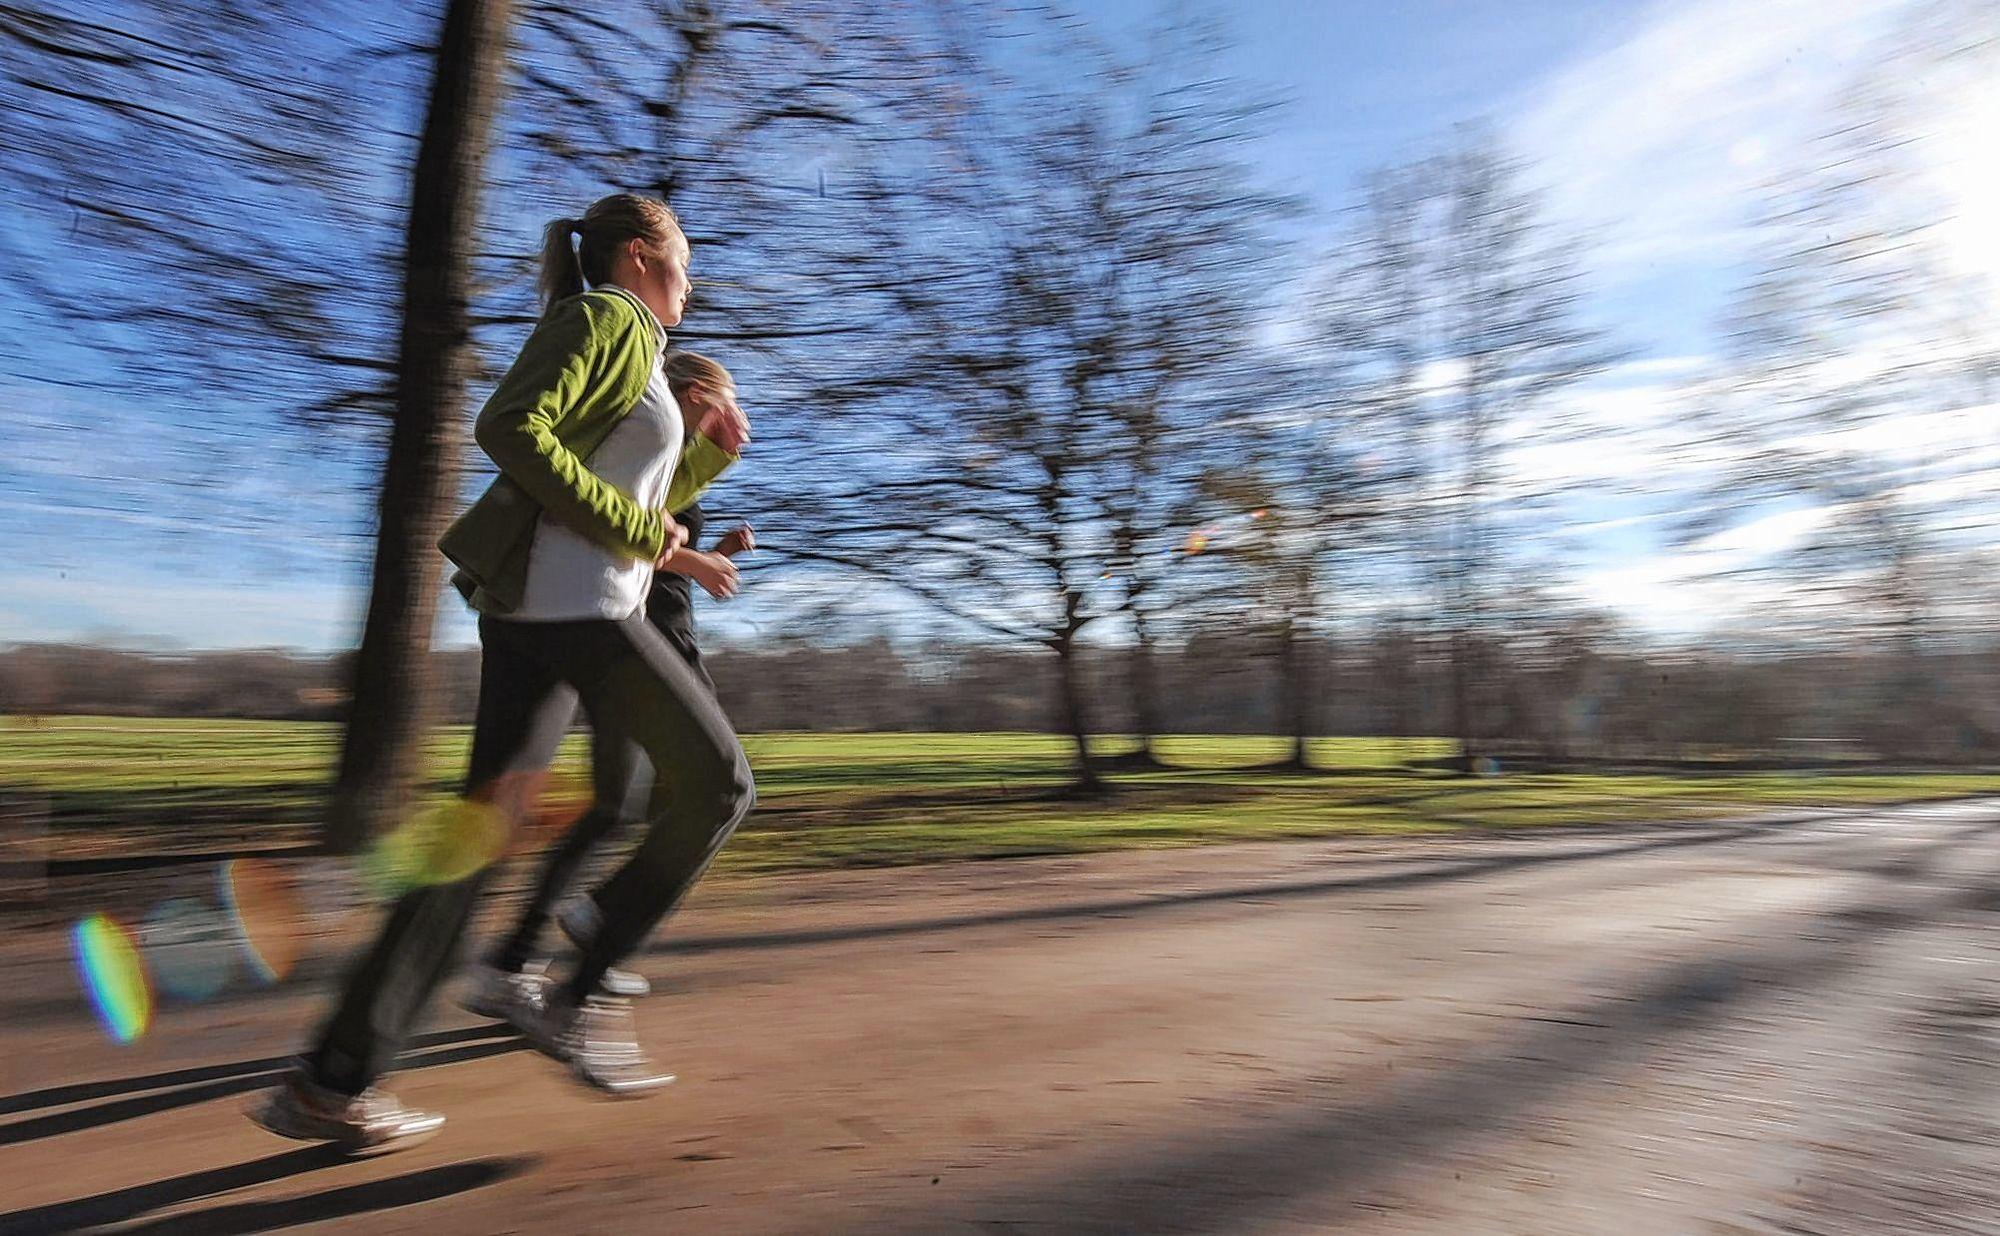 Auch verschiedene Laufkurse gehören zum Angebot der BA-Frauenakademie. Anmeldungen zu den neuen Kursen sind über die Volkshochschulen möglich.